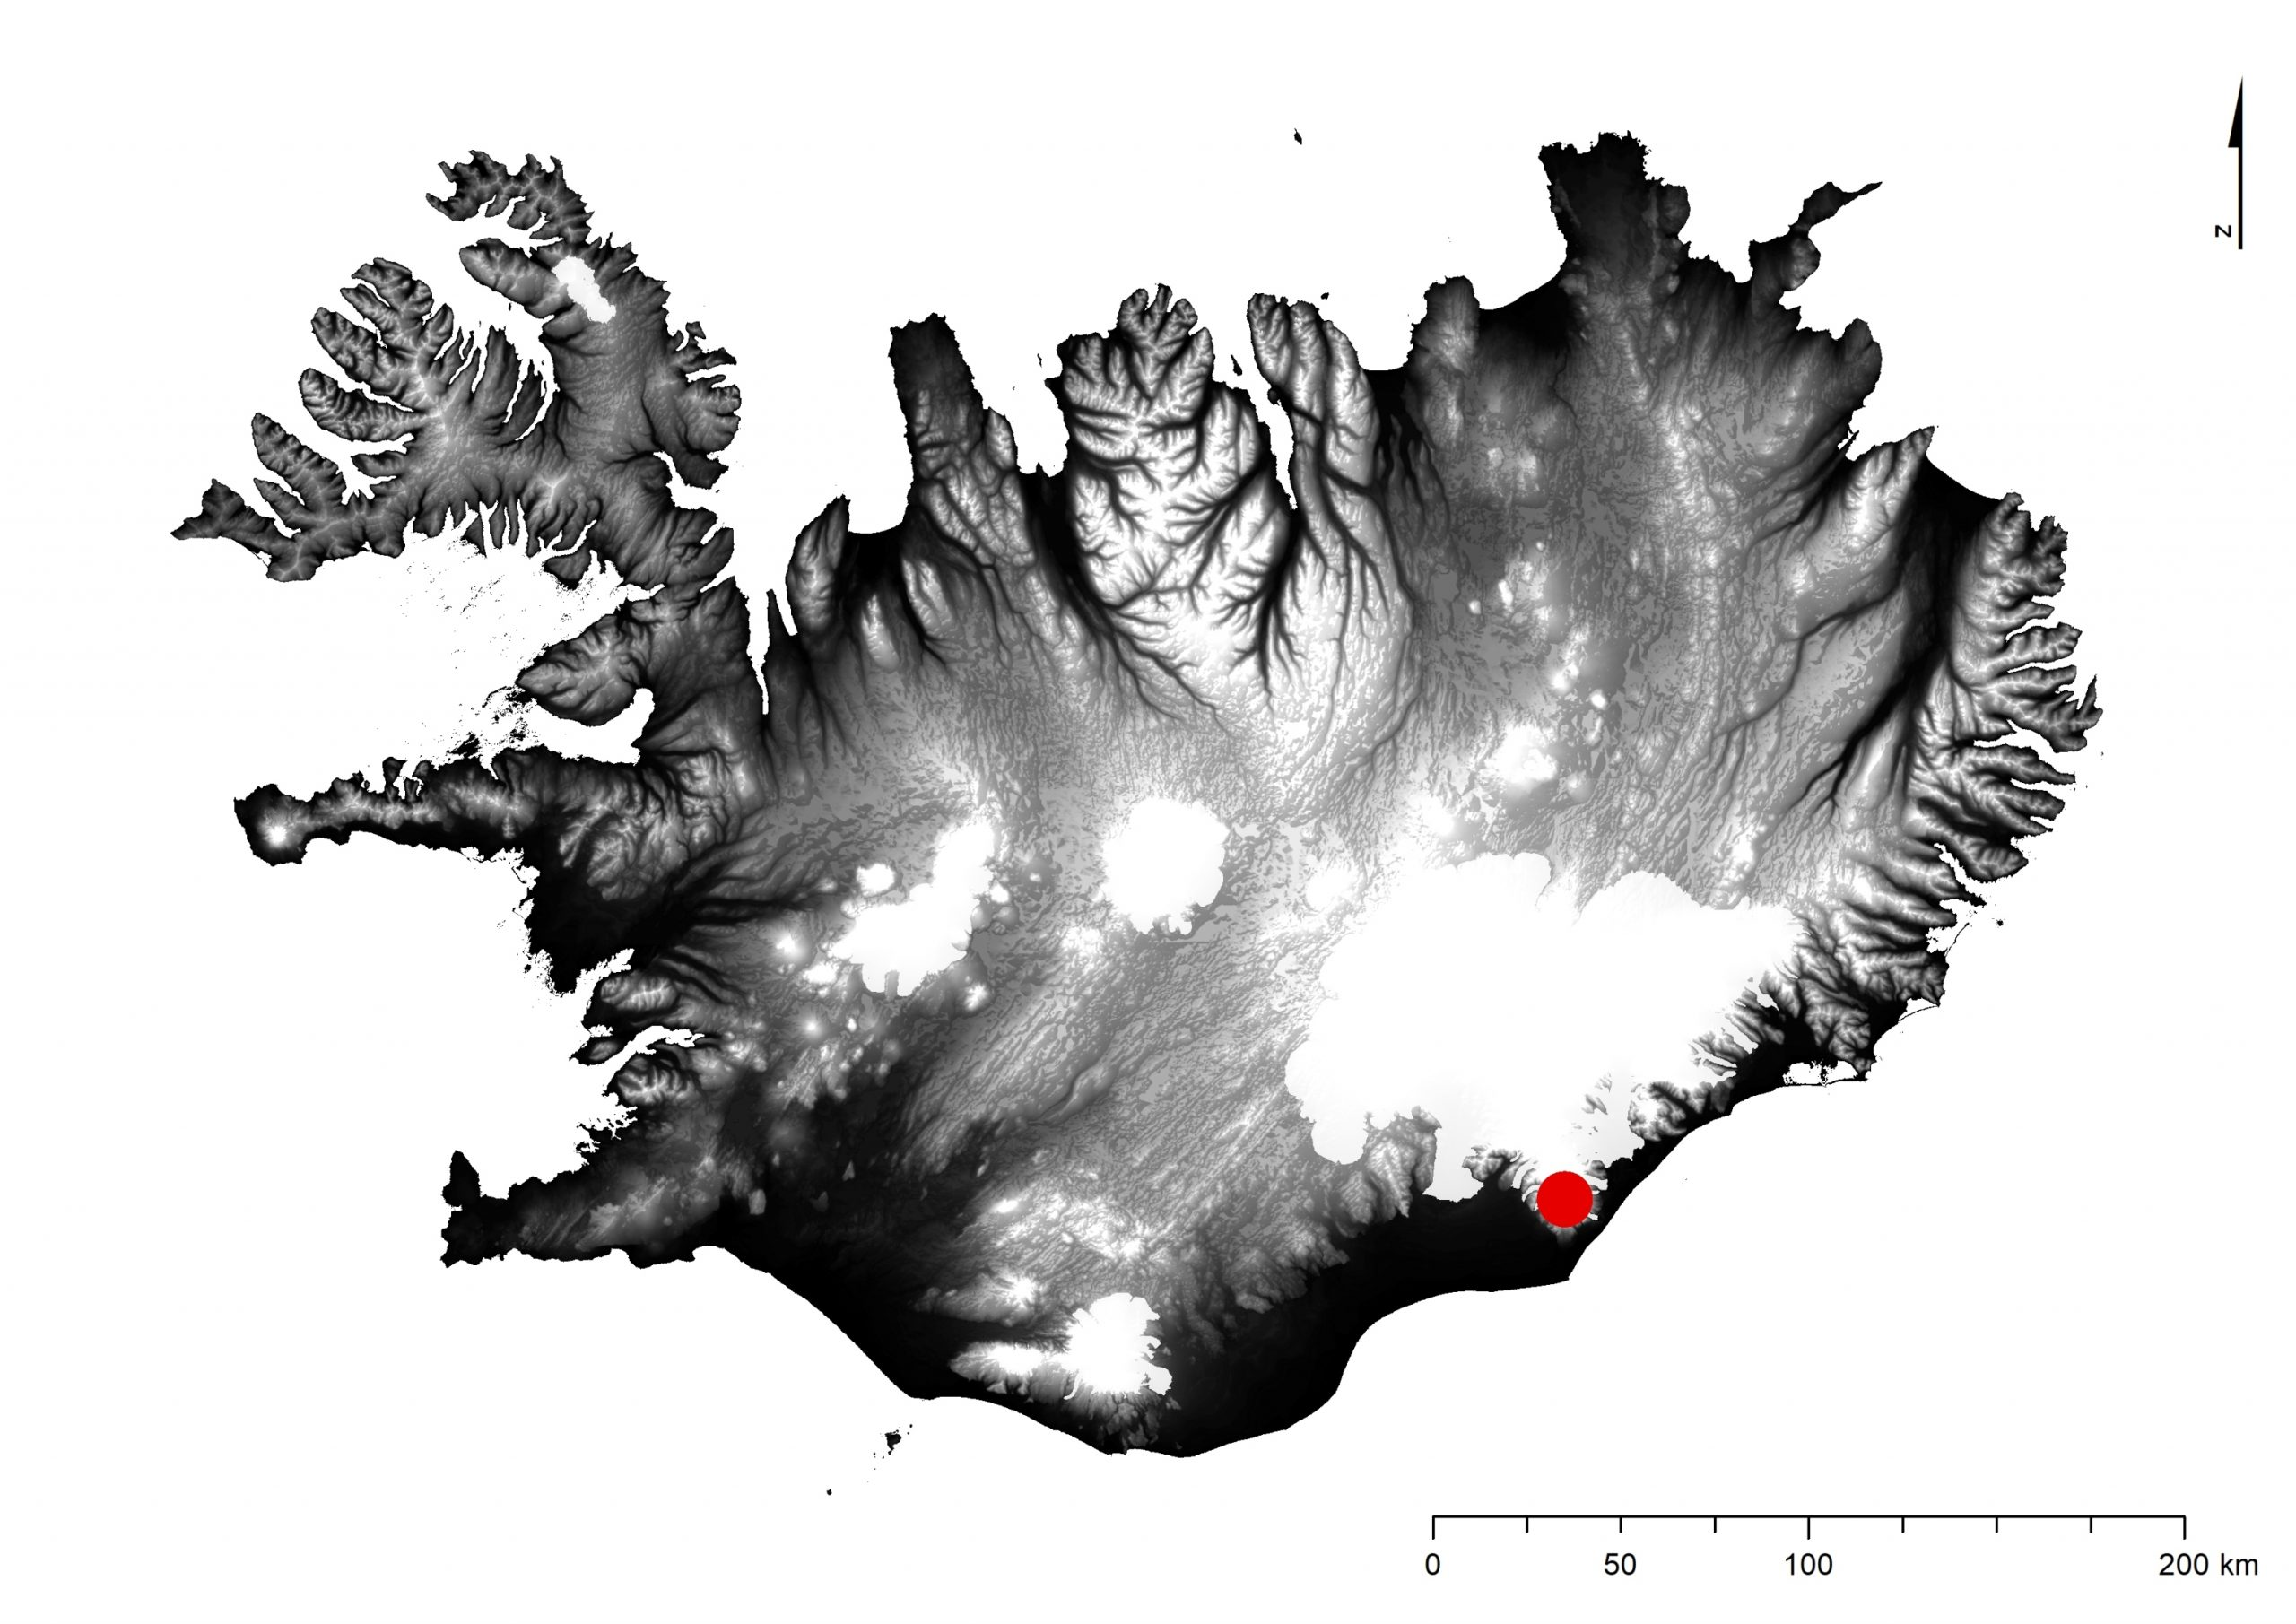 Askja í Dyngjufjöllum í Ódáðahrauni er merkt með rauðum punkti á kortið.